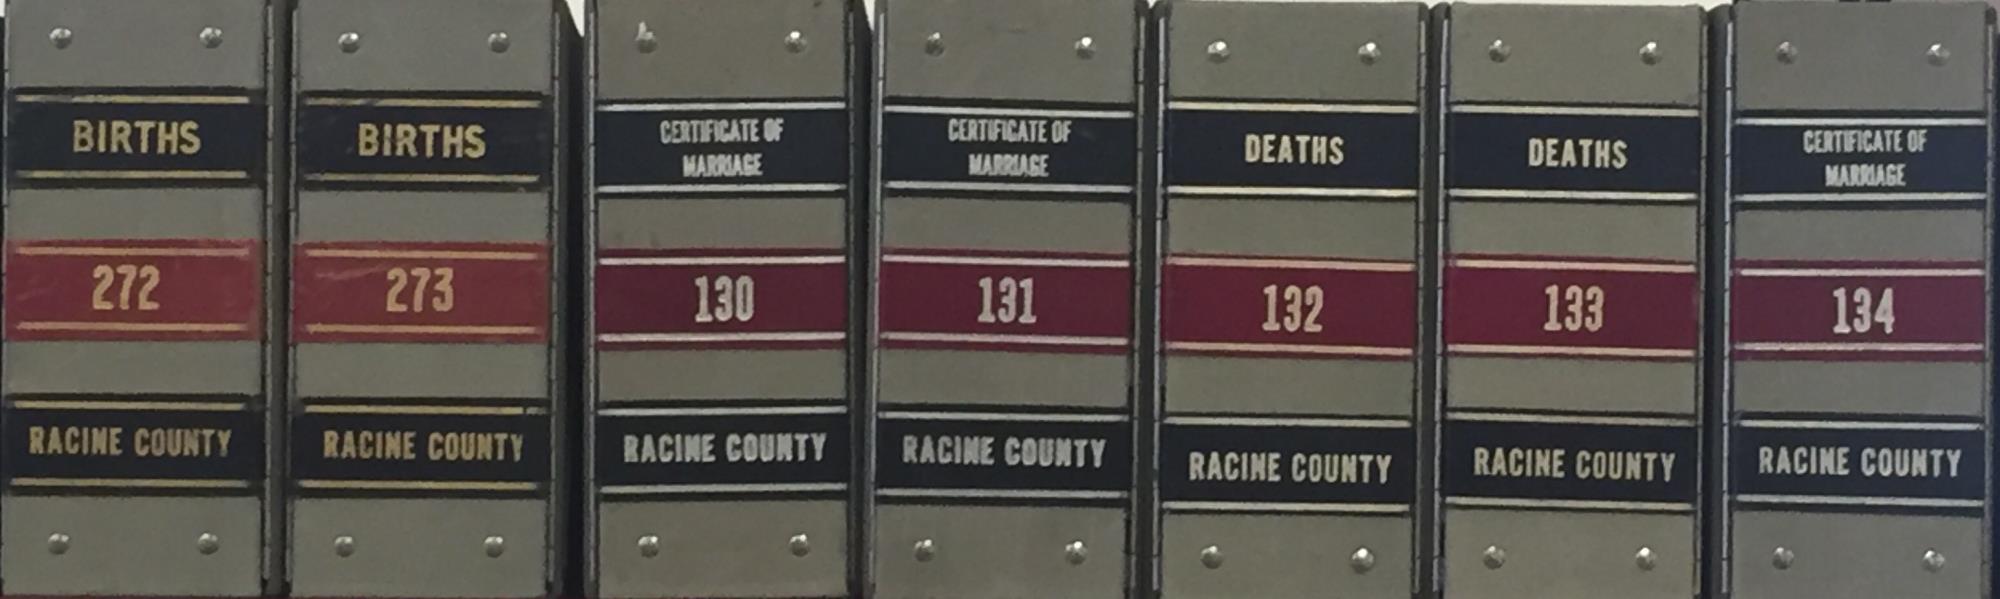 Register of Deeds | Racine County, WI